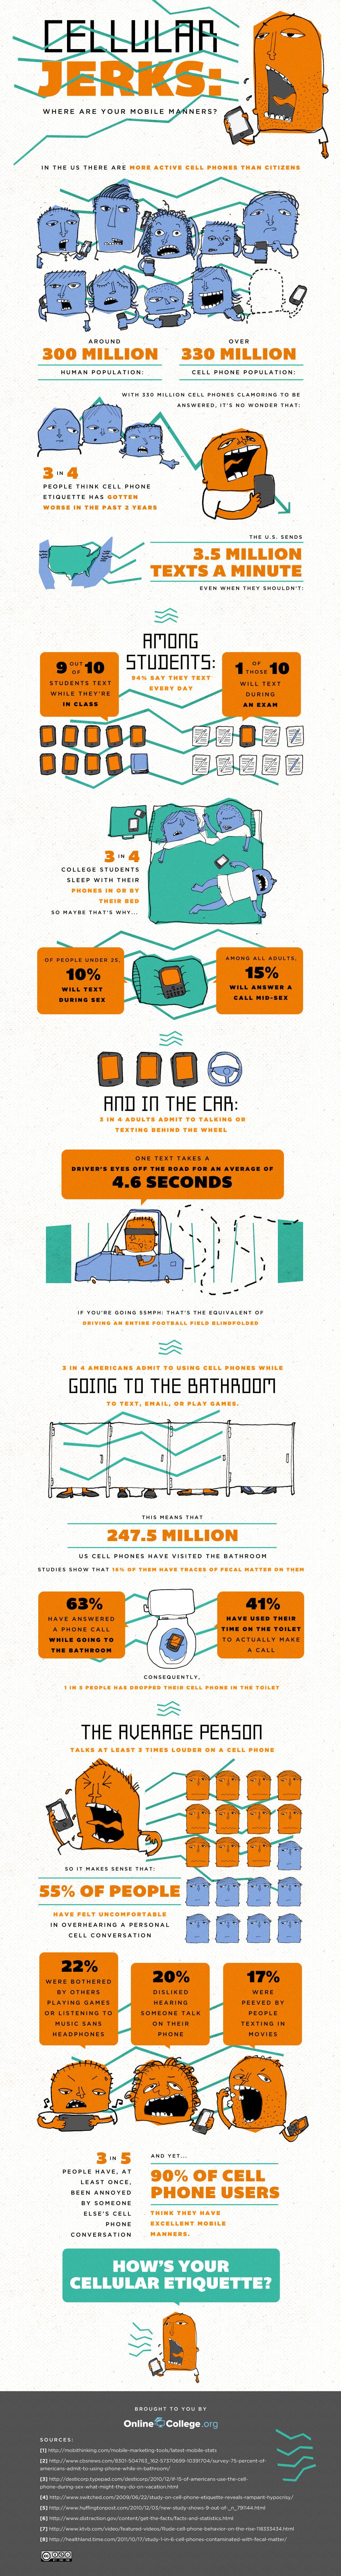 Cellular Etiquette-infographic